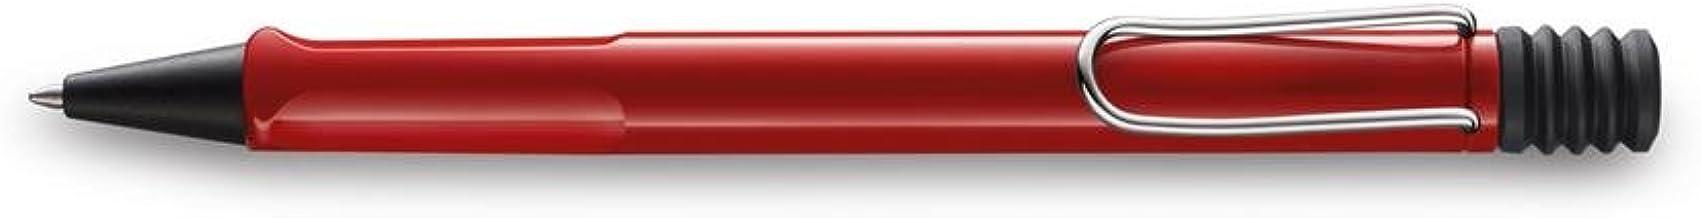 Lamy FH05270 Safari 216 - Pluma estilogrfica (punta media), color rojo